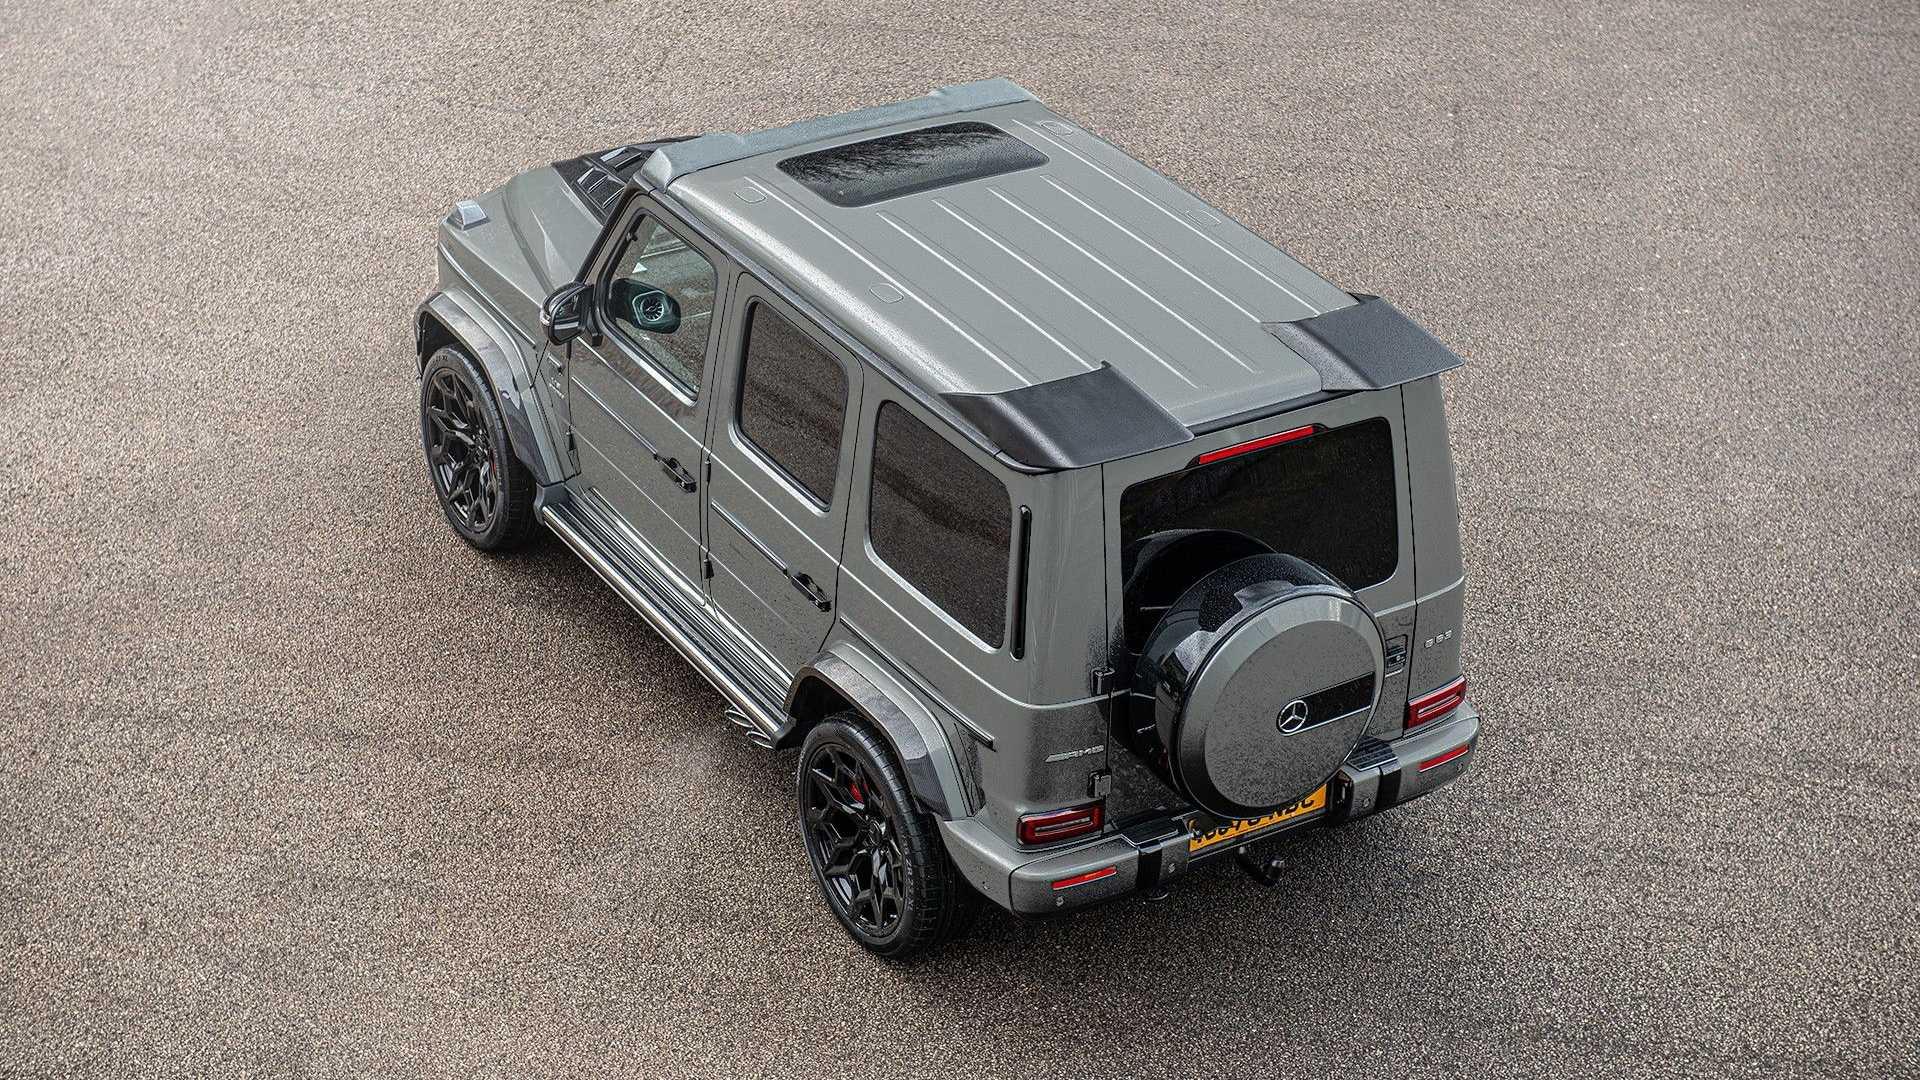 Британское тюнинг-ателье Kahn выпустило Mercedes G-Class с карбоновым обвесом Carbon Wide Track